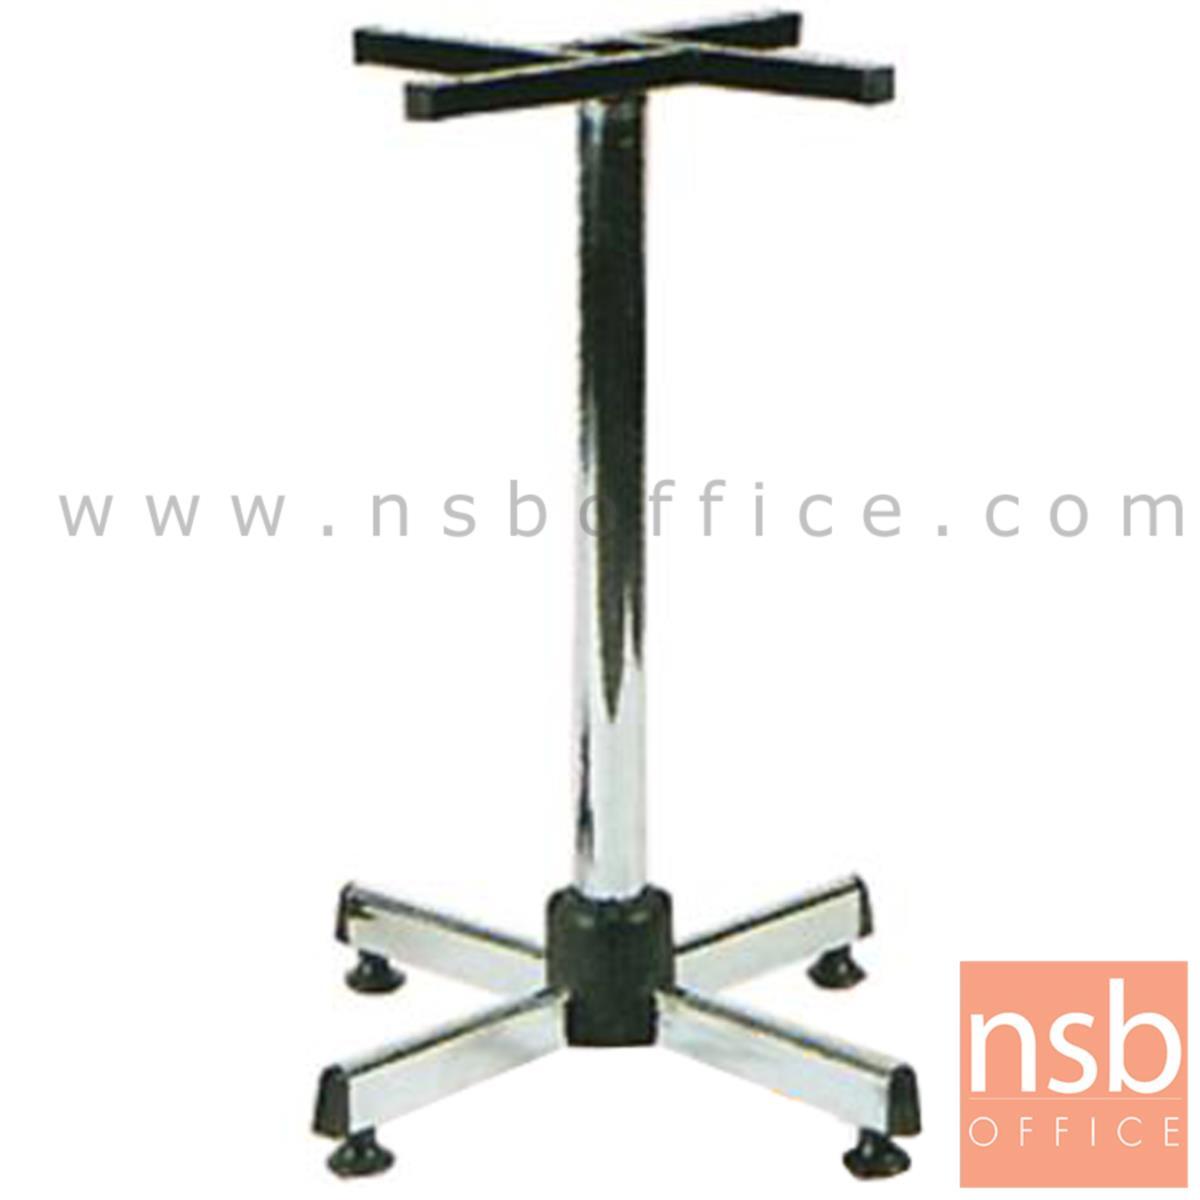 A14A027:ขาโต๊ะบาร์ รุ่น Soucie (ซูซี่) ขนาด 70H cm.  ขา 4 แฉกโครเมี่ยม